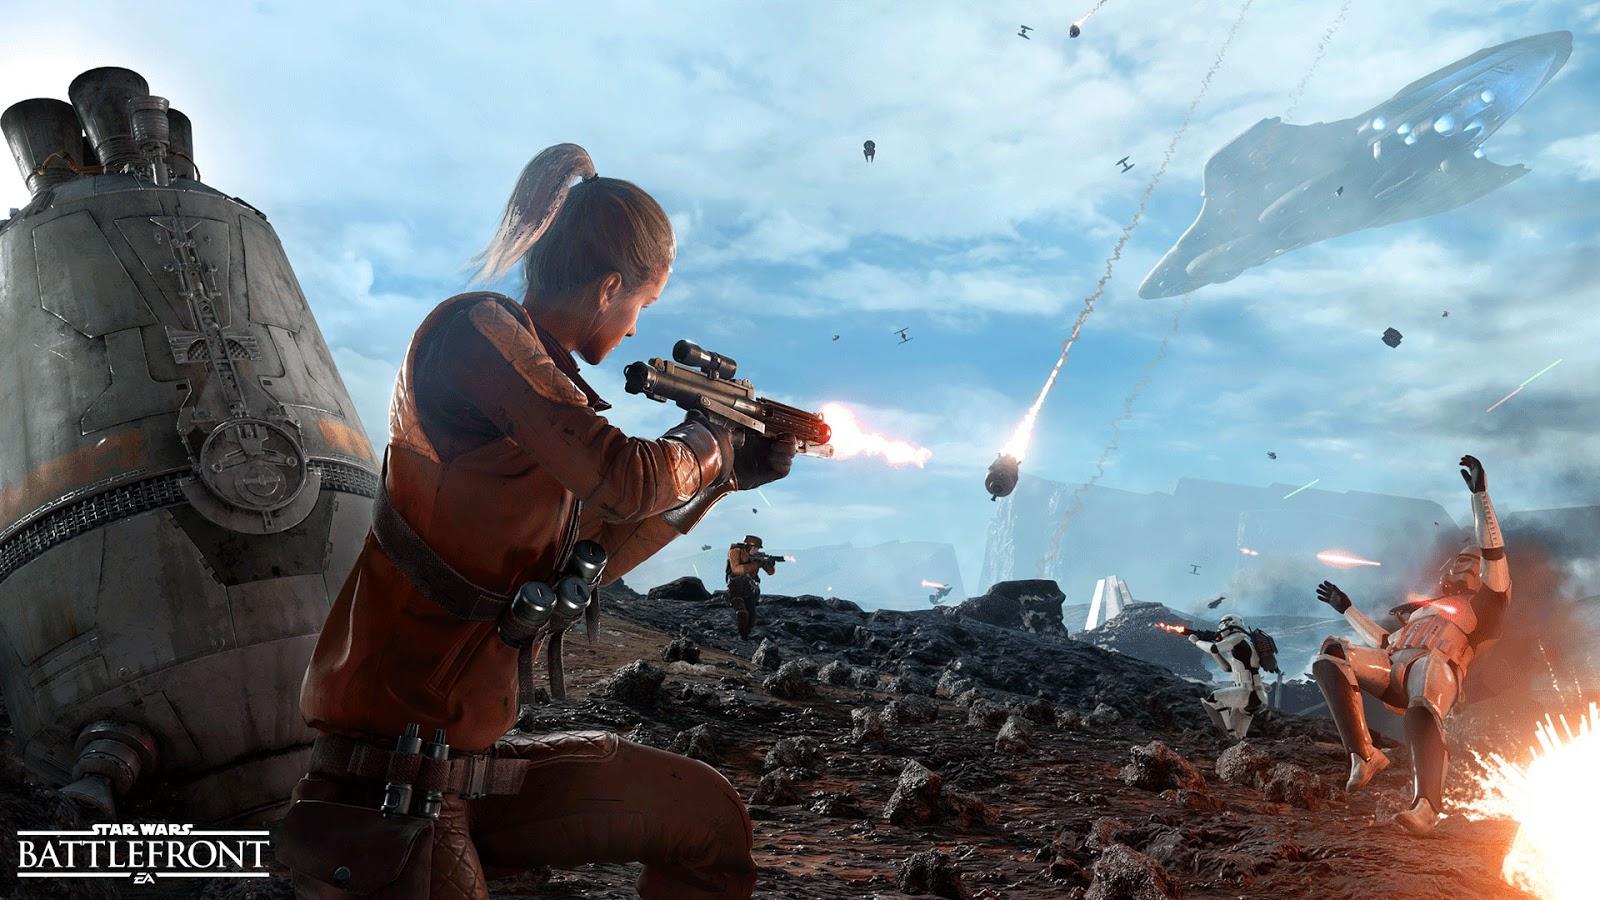 DICE detalha o modo Captura de Cápsulas para Star Wars Battlefront